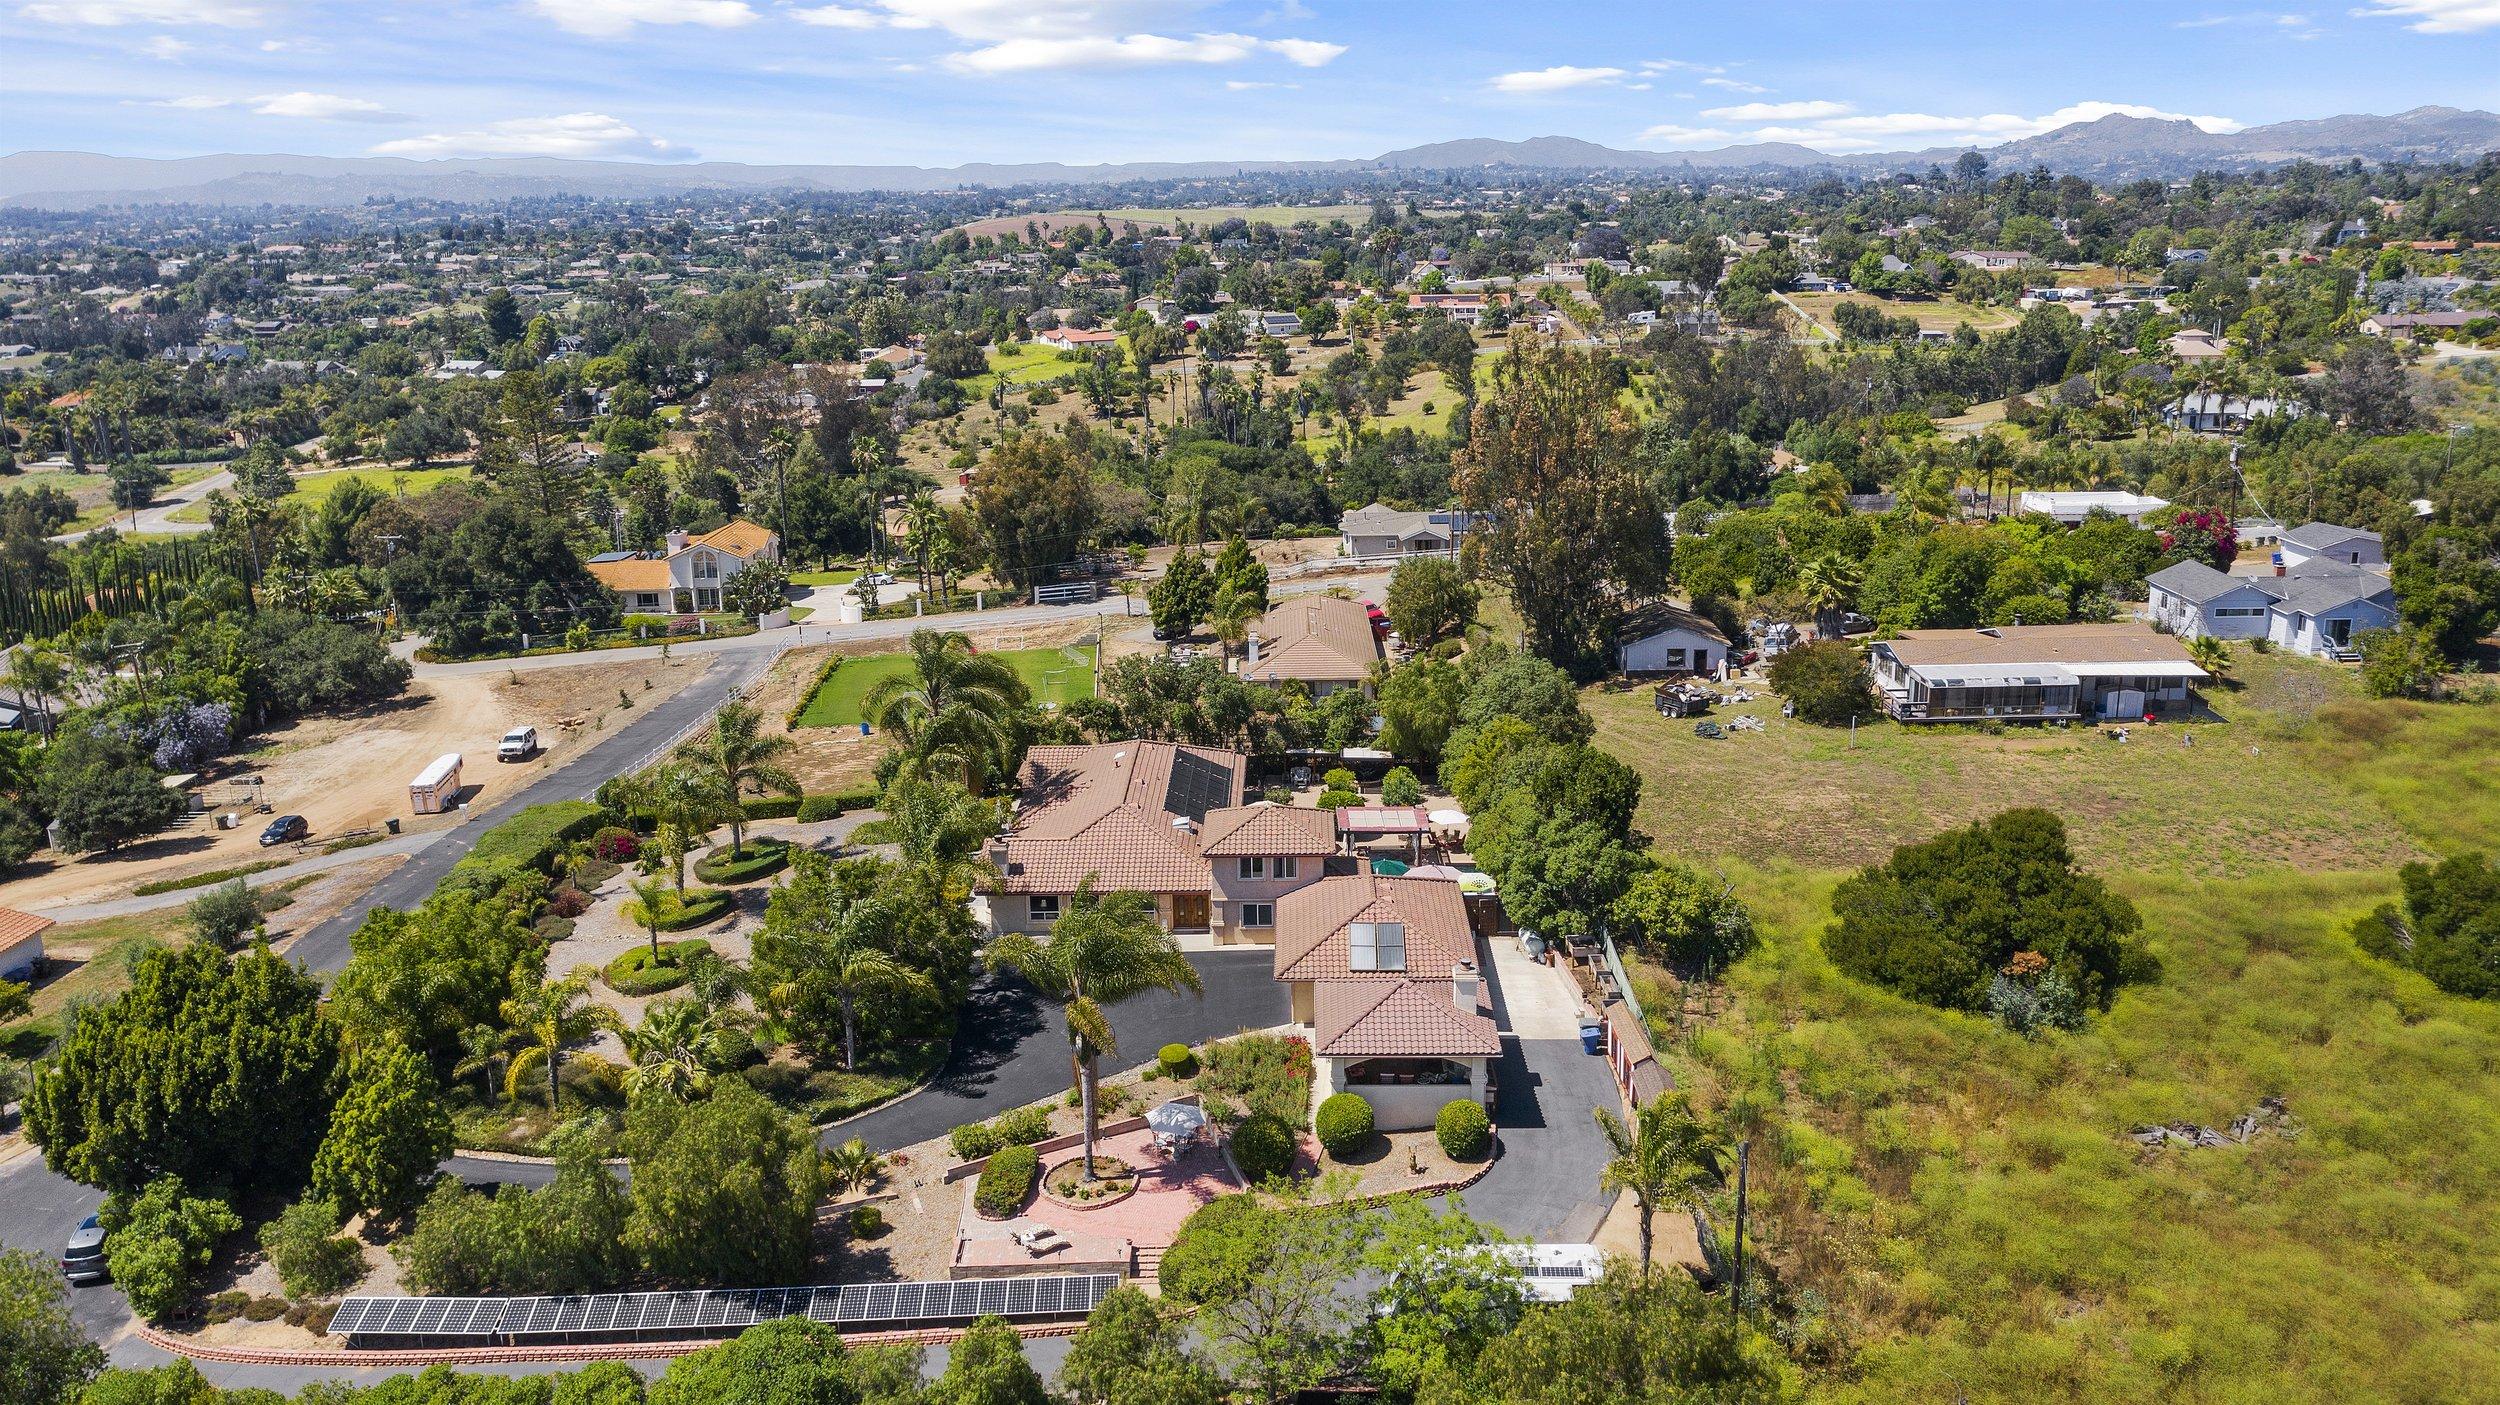 053_Aerial Side View.jpg